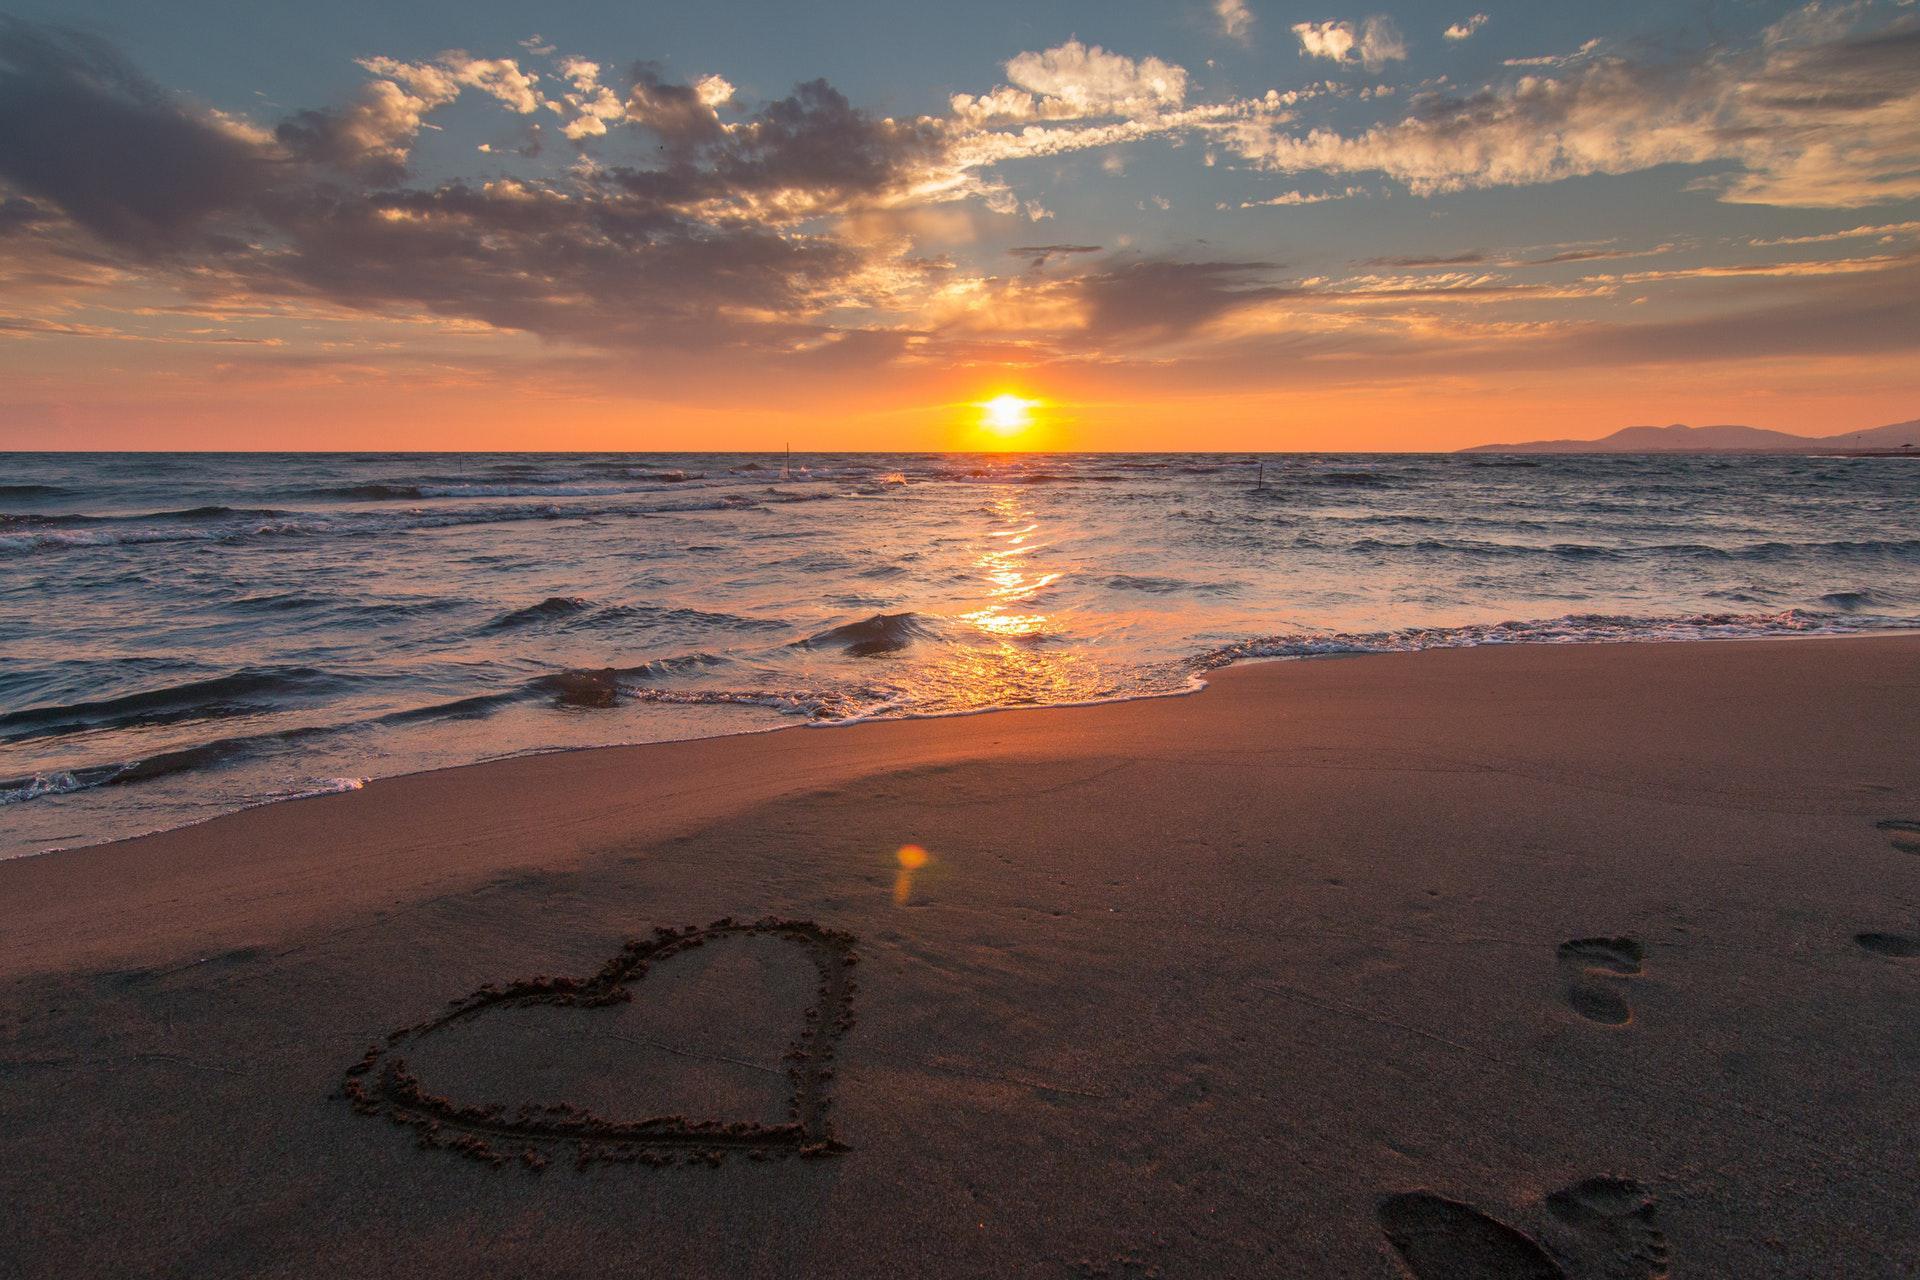 عکس زمینه غروب عاشقانه ساحل دریا پس زمینه